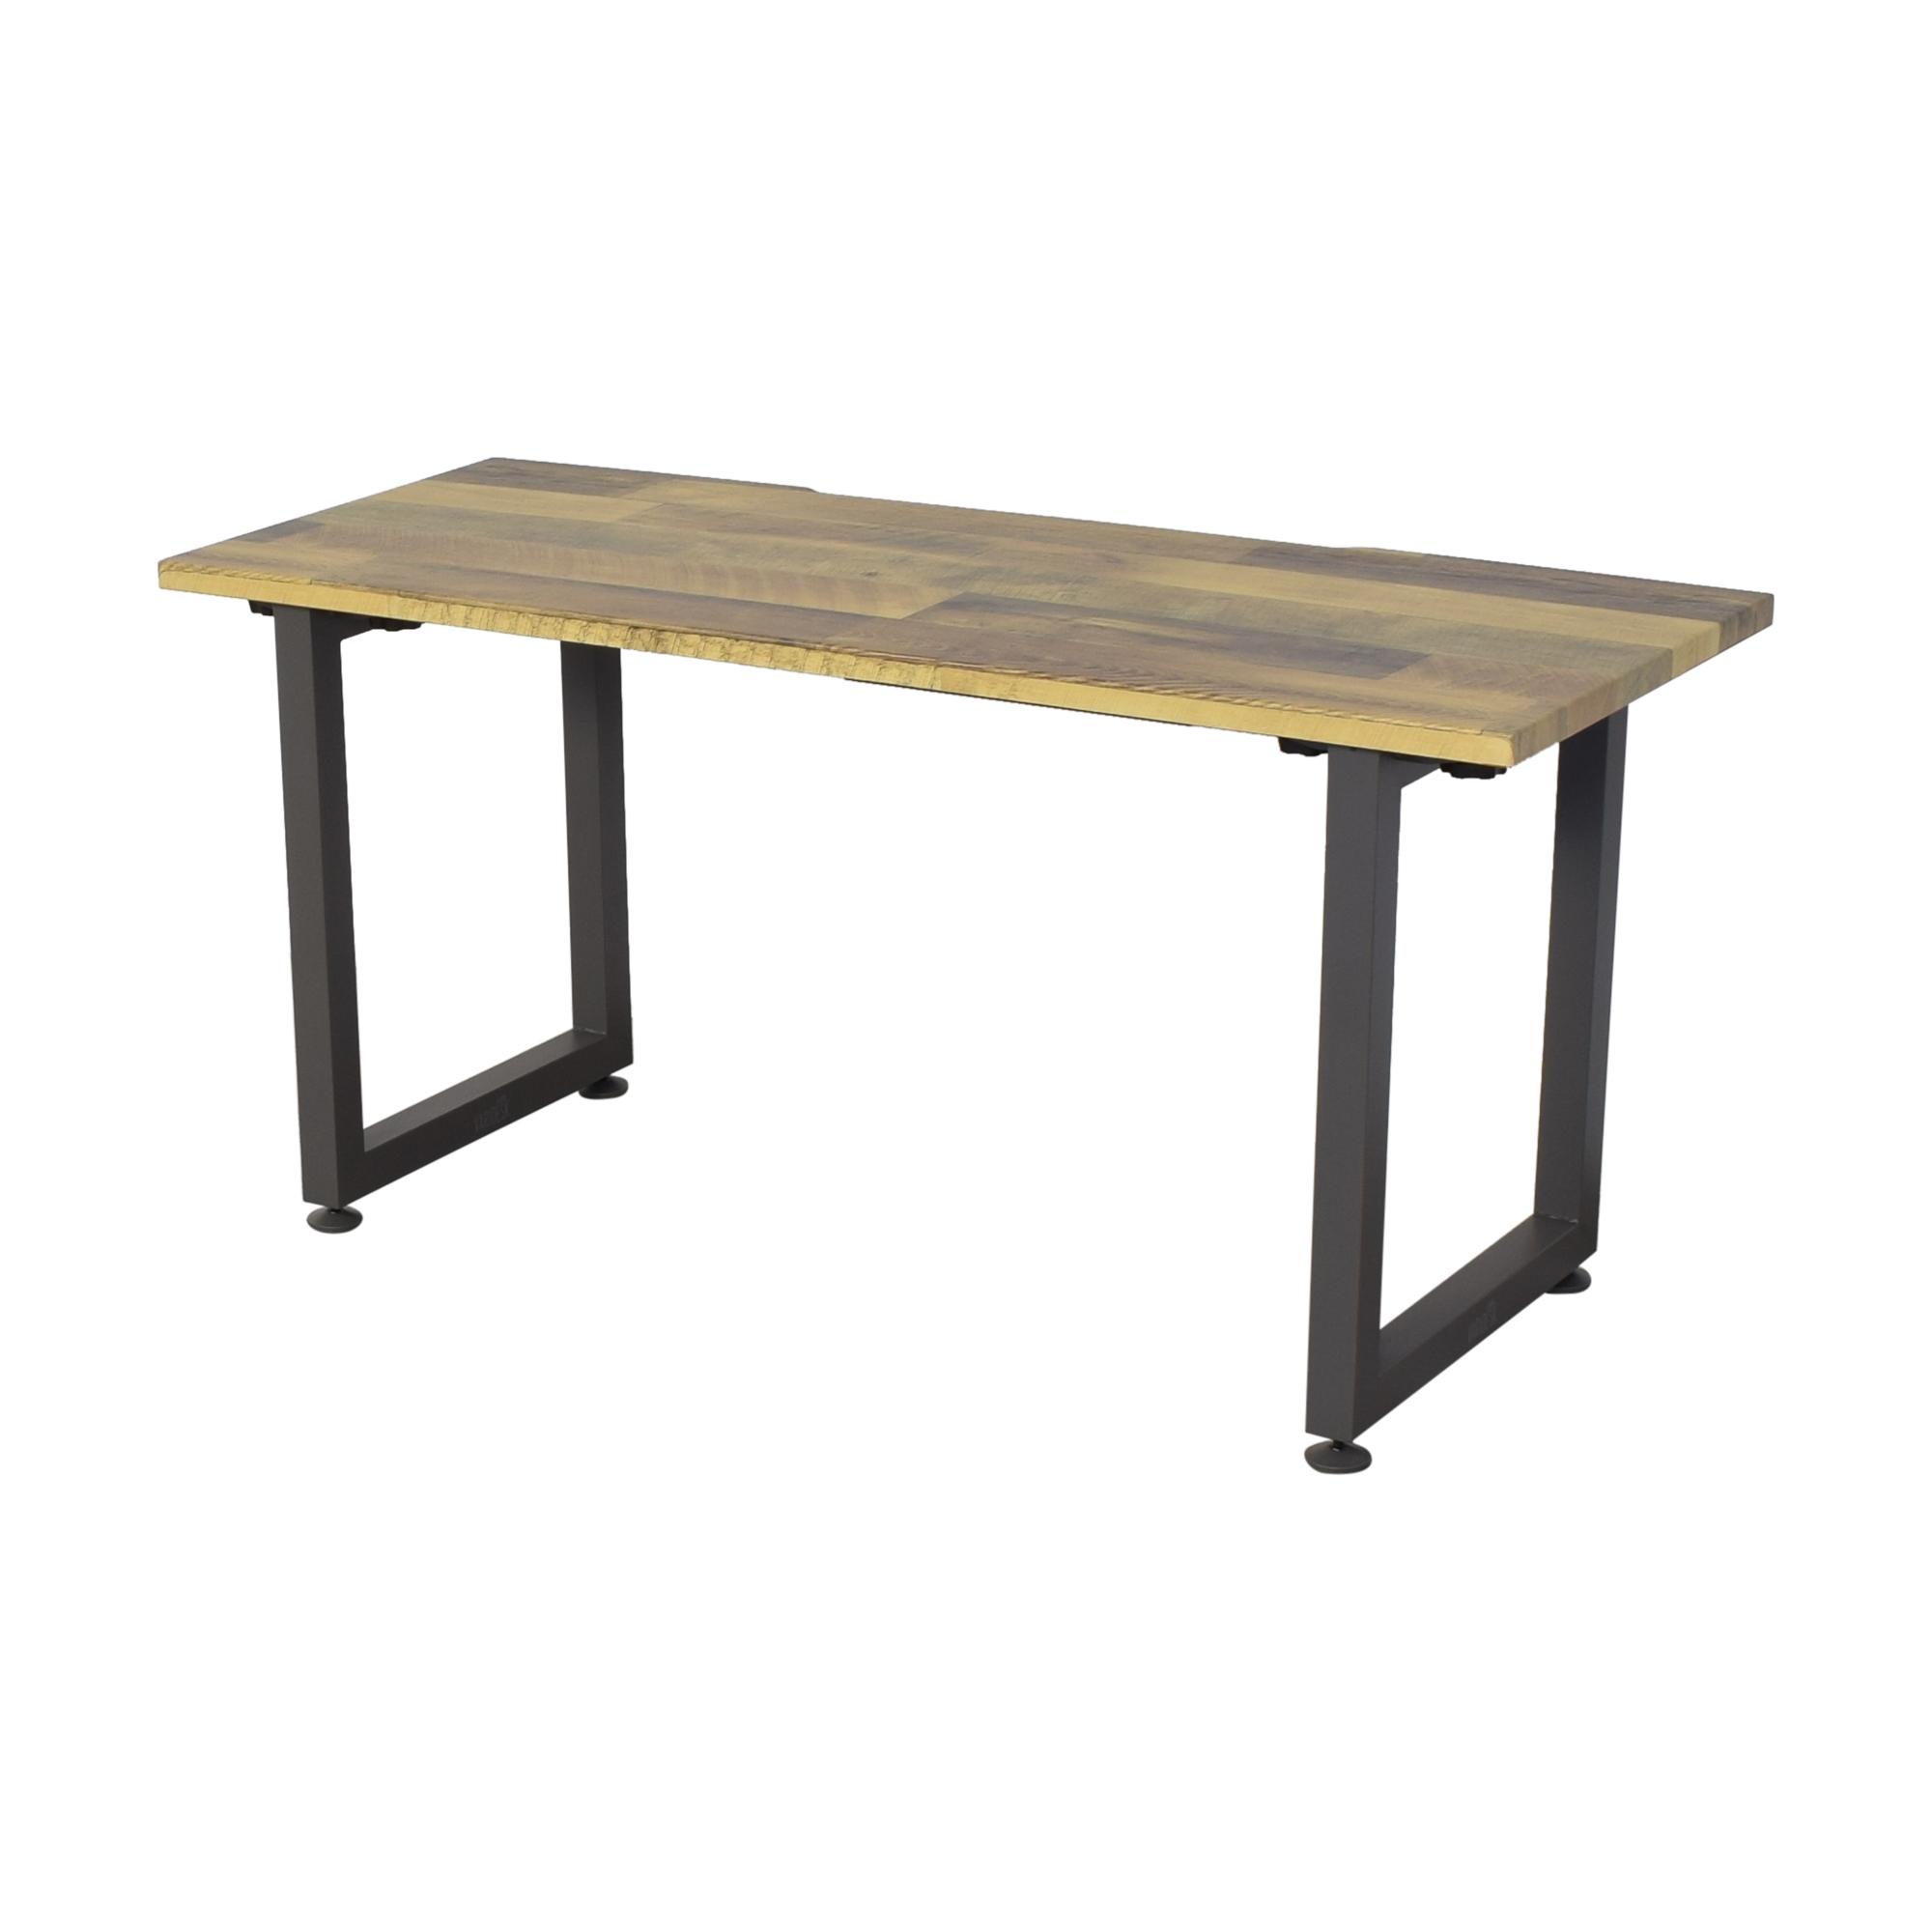 Varidesk Varidesk QuickPro Desk discount